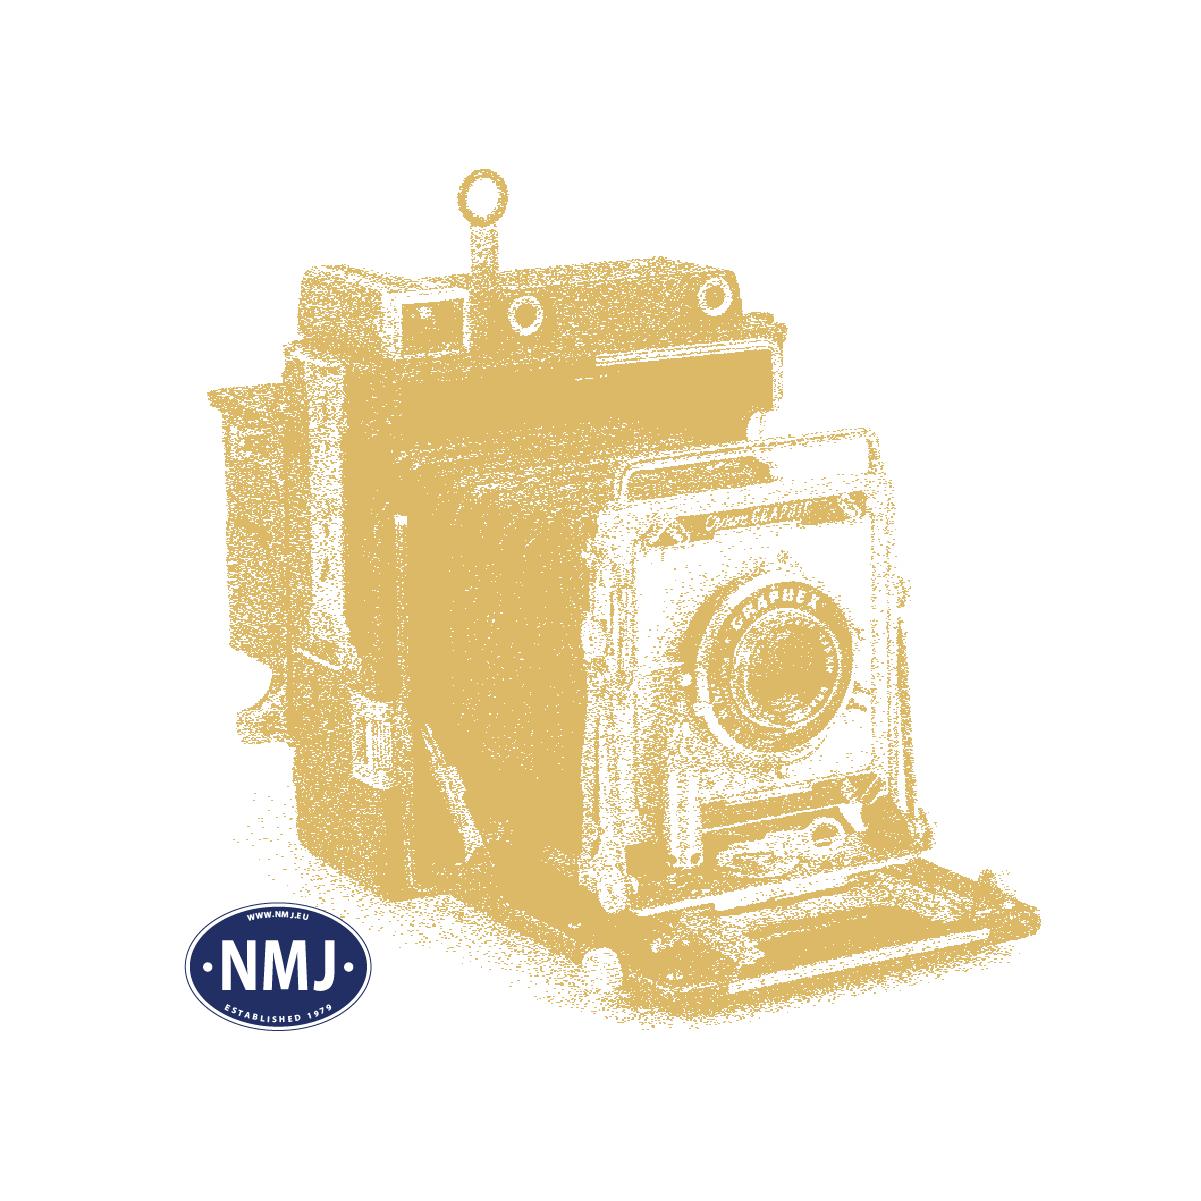 NMJH16104 - NMJ Skyline Modell der Moelven Baracke, Bausatz